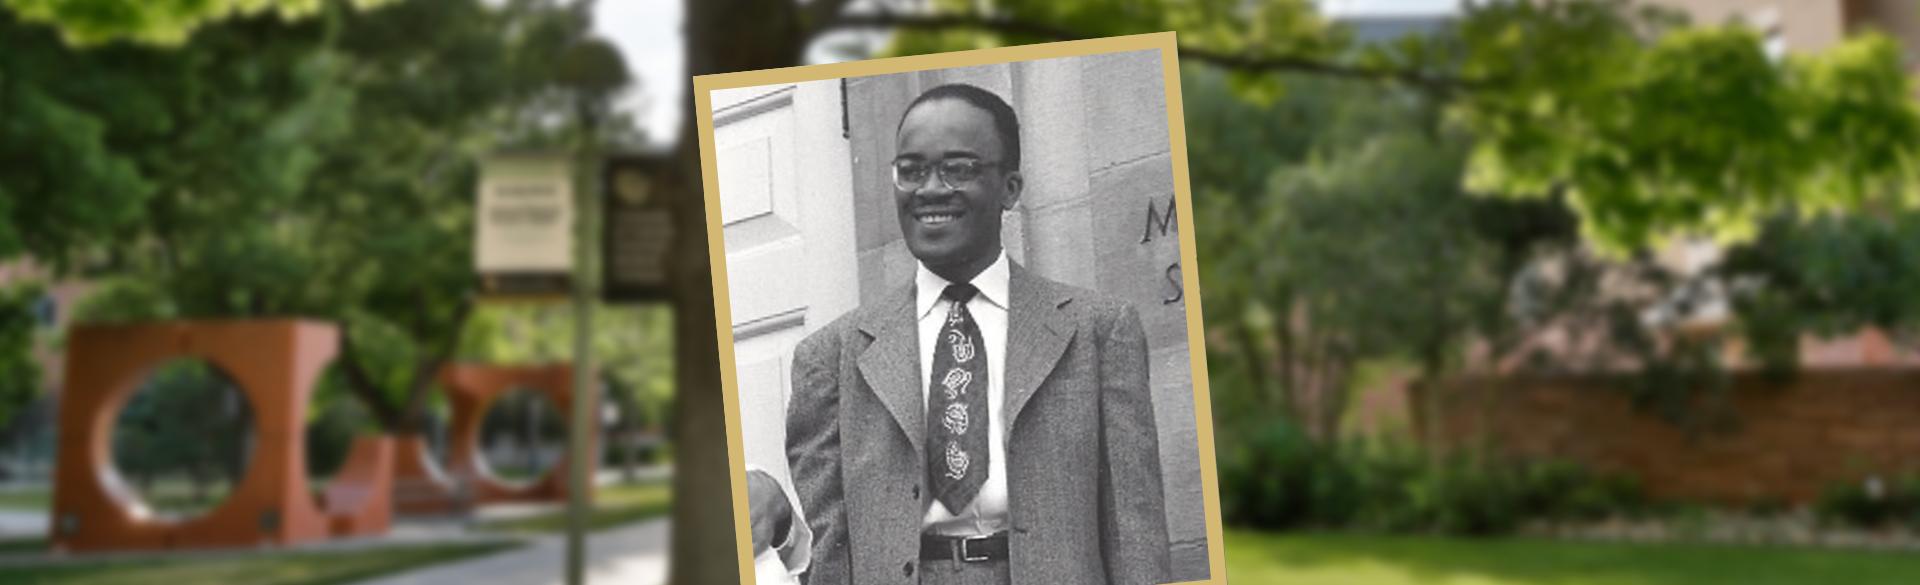 Charles J. Blackwood - A True Pioneer